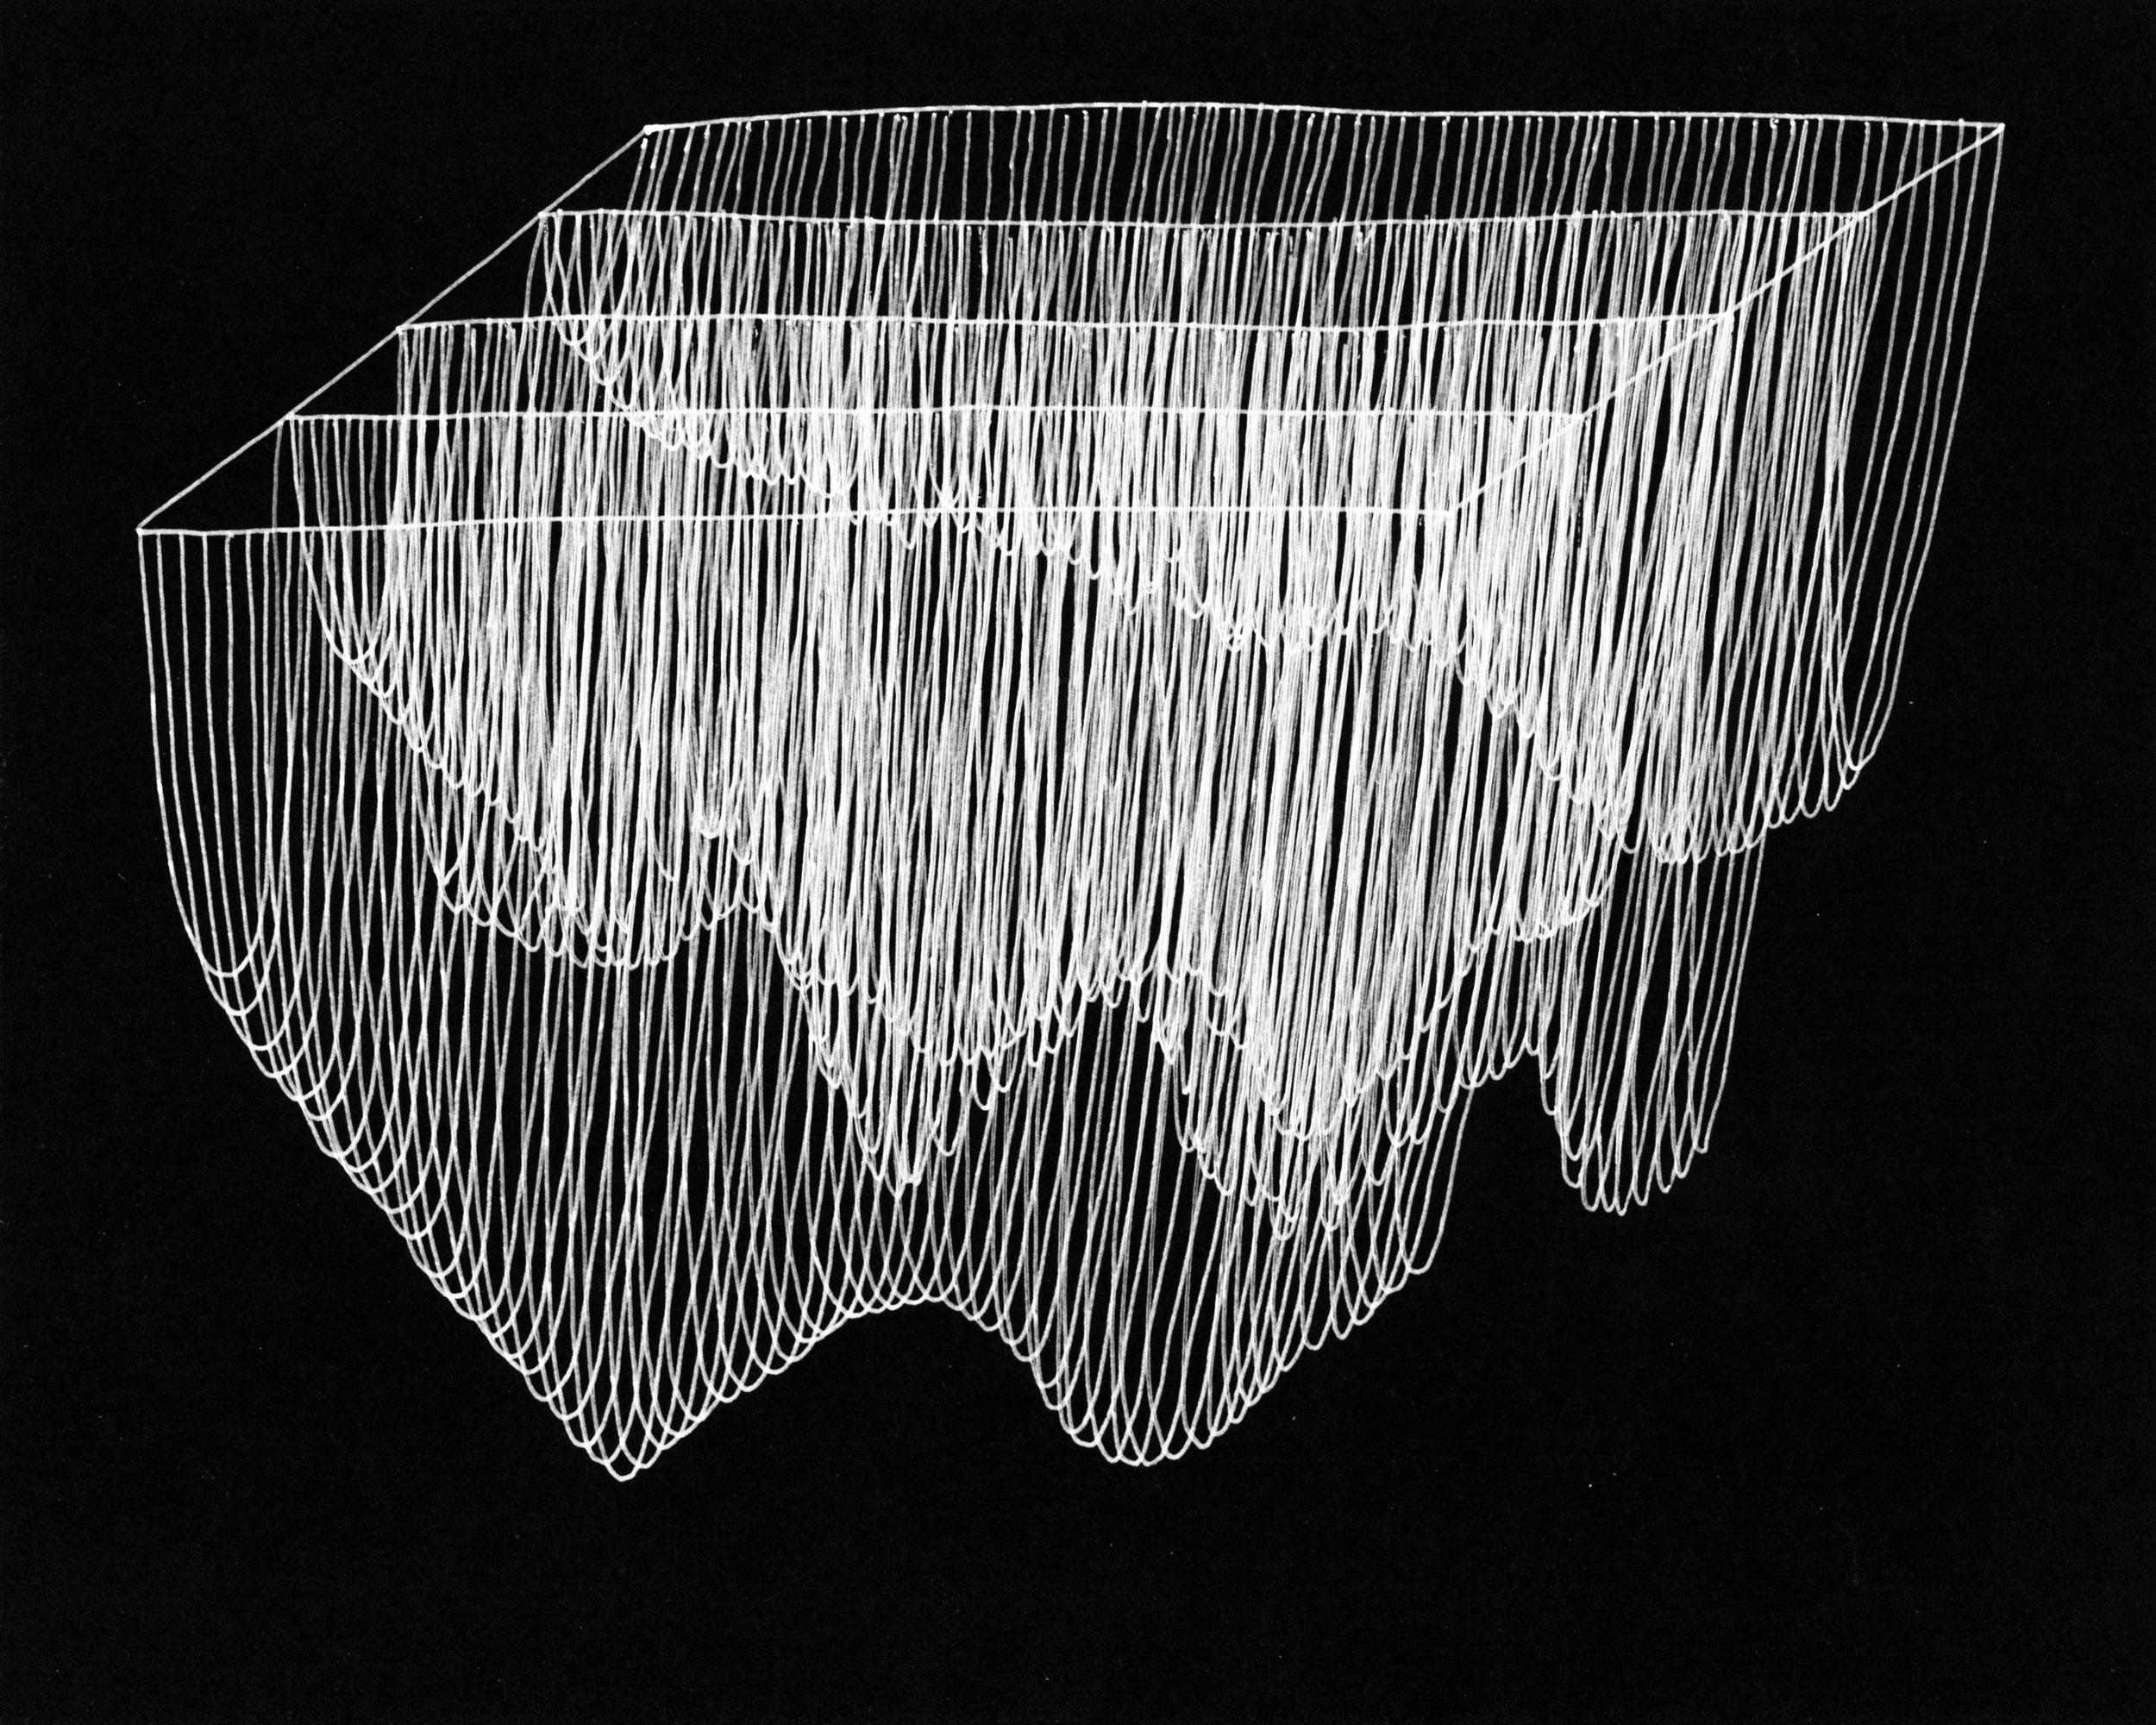 Series of Catenaries on Number Grid Number 1